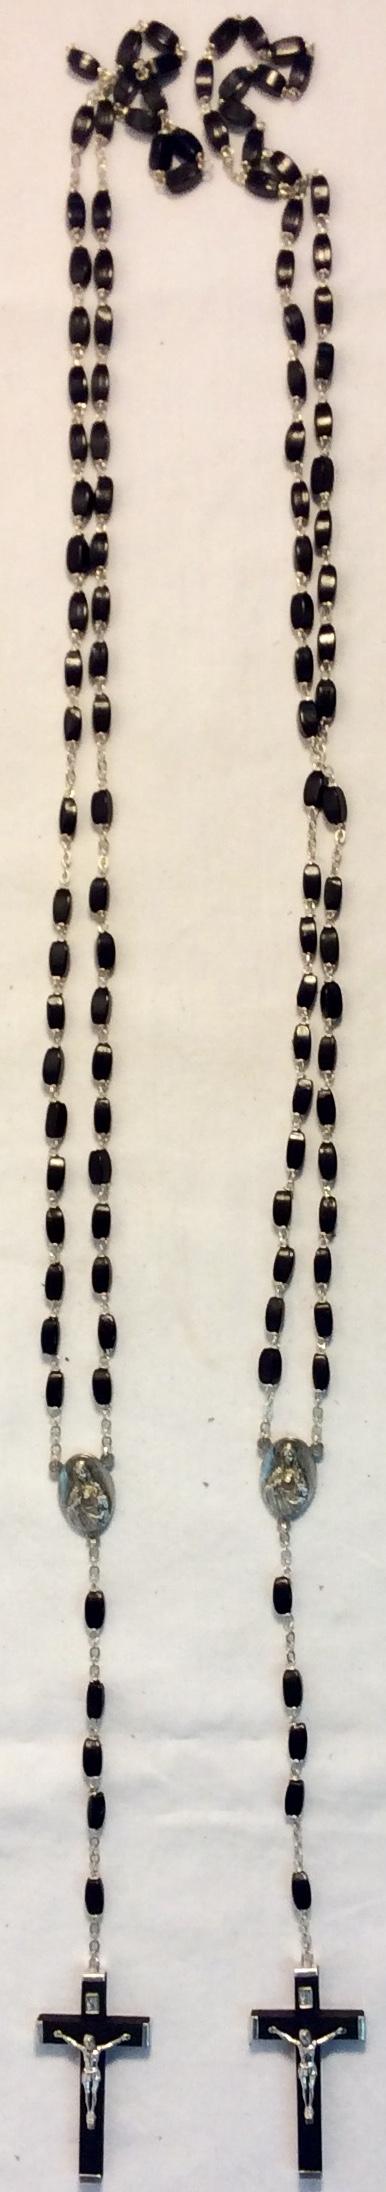 Black plastic and metal rosaries